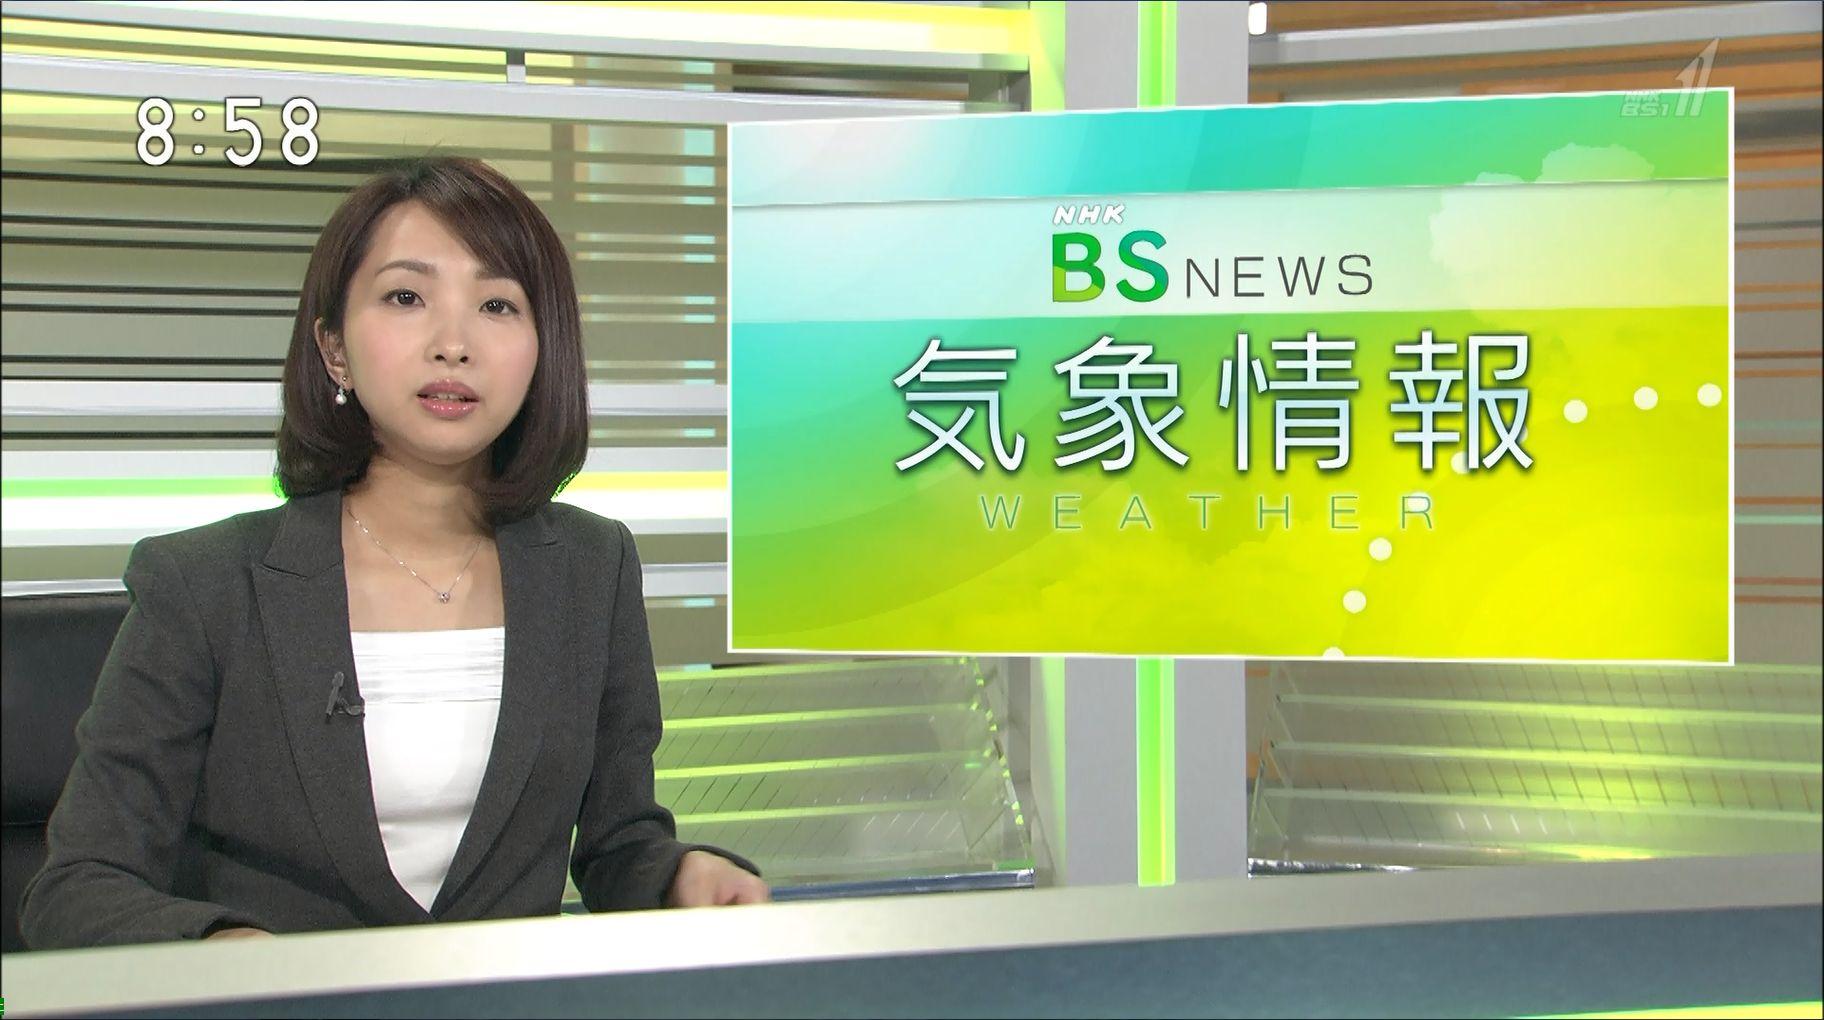 BSニュース - NHK